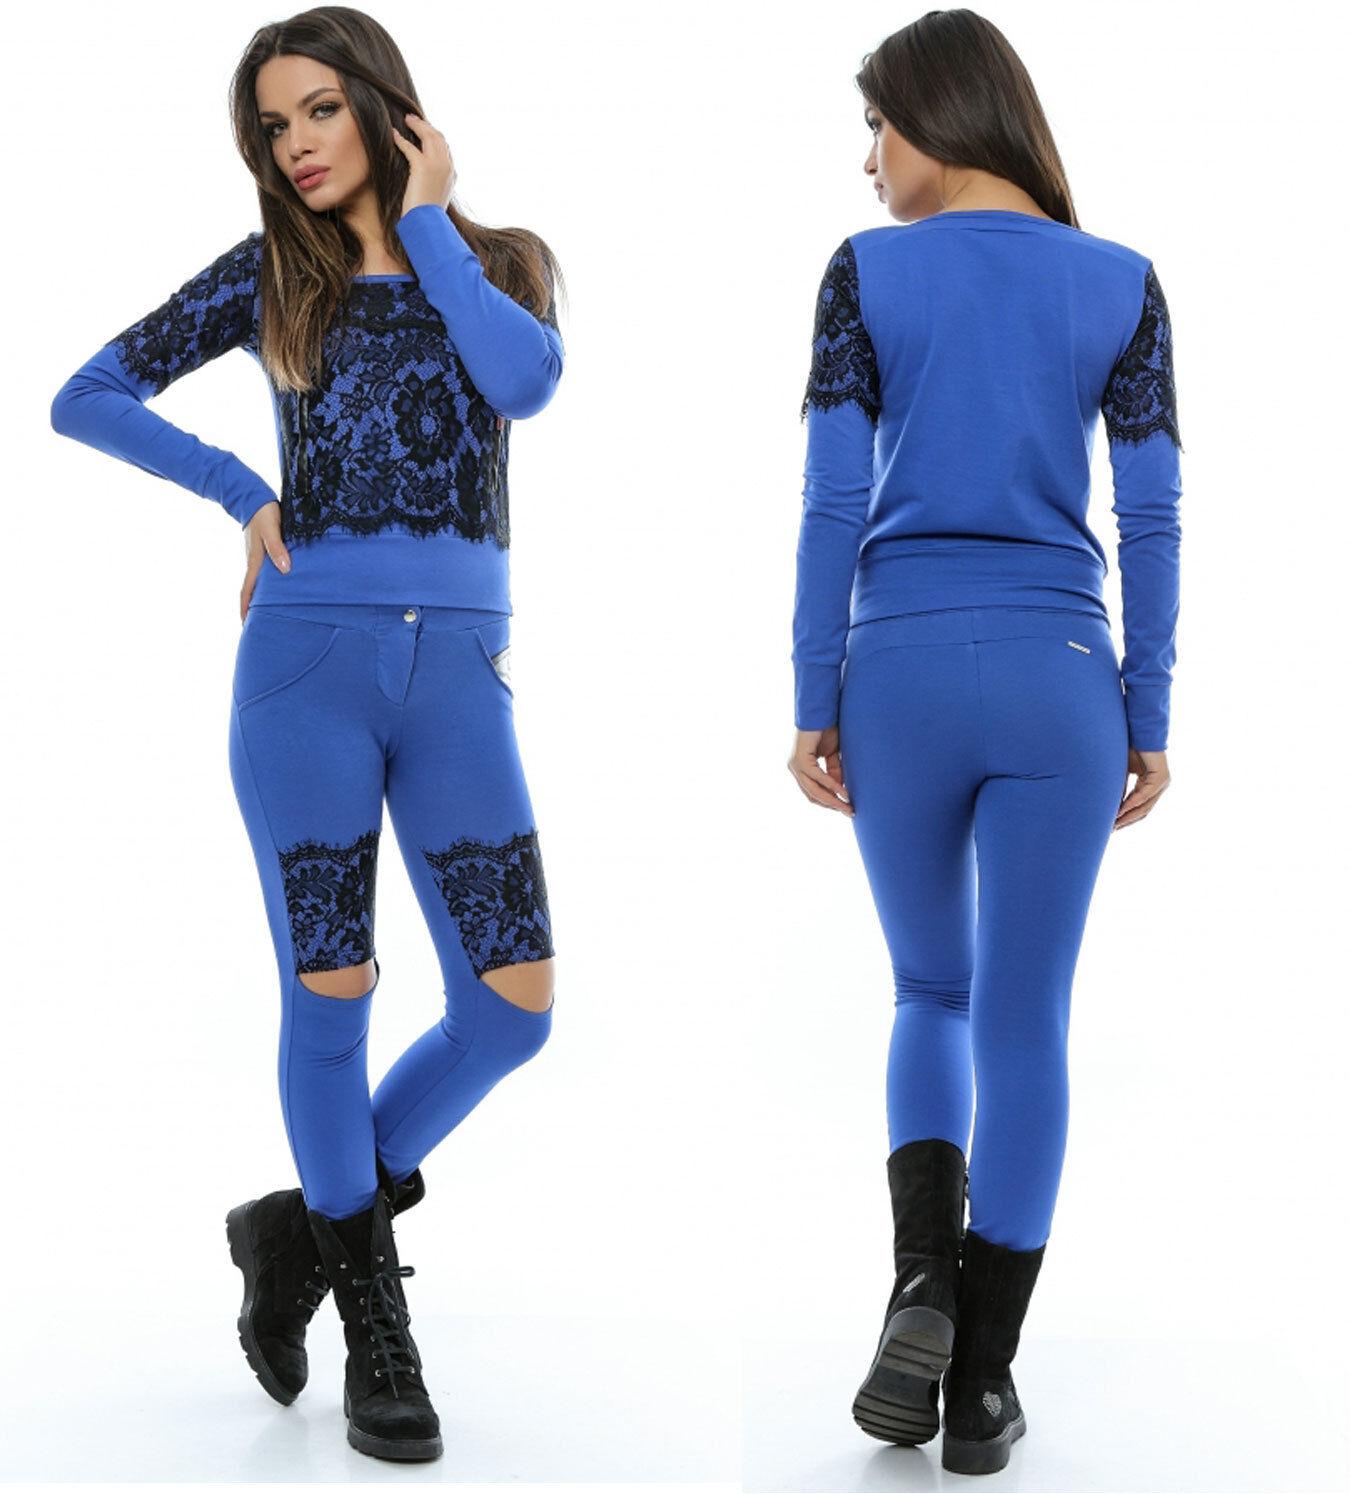 Foggi 2-Divisorio Casa Tuta Donna Donna Donna Pantaloni Pullover da Donna maglietta Pizzo Blu Grigio XS-M 1185b4